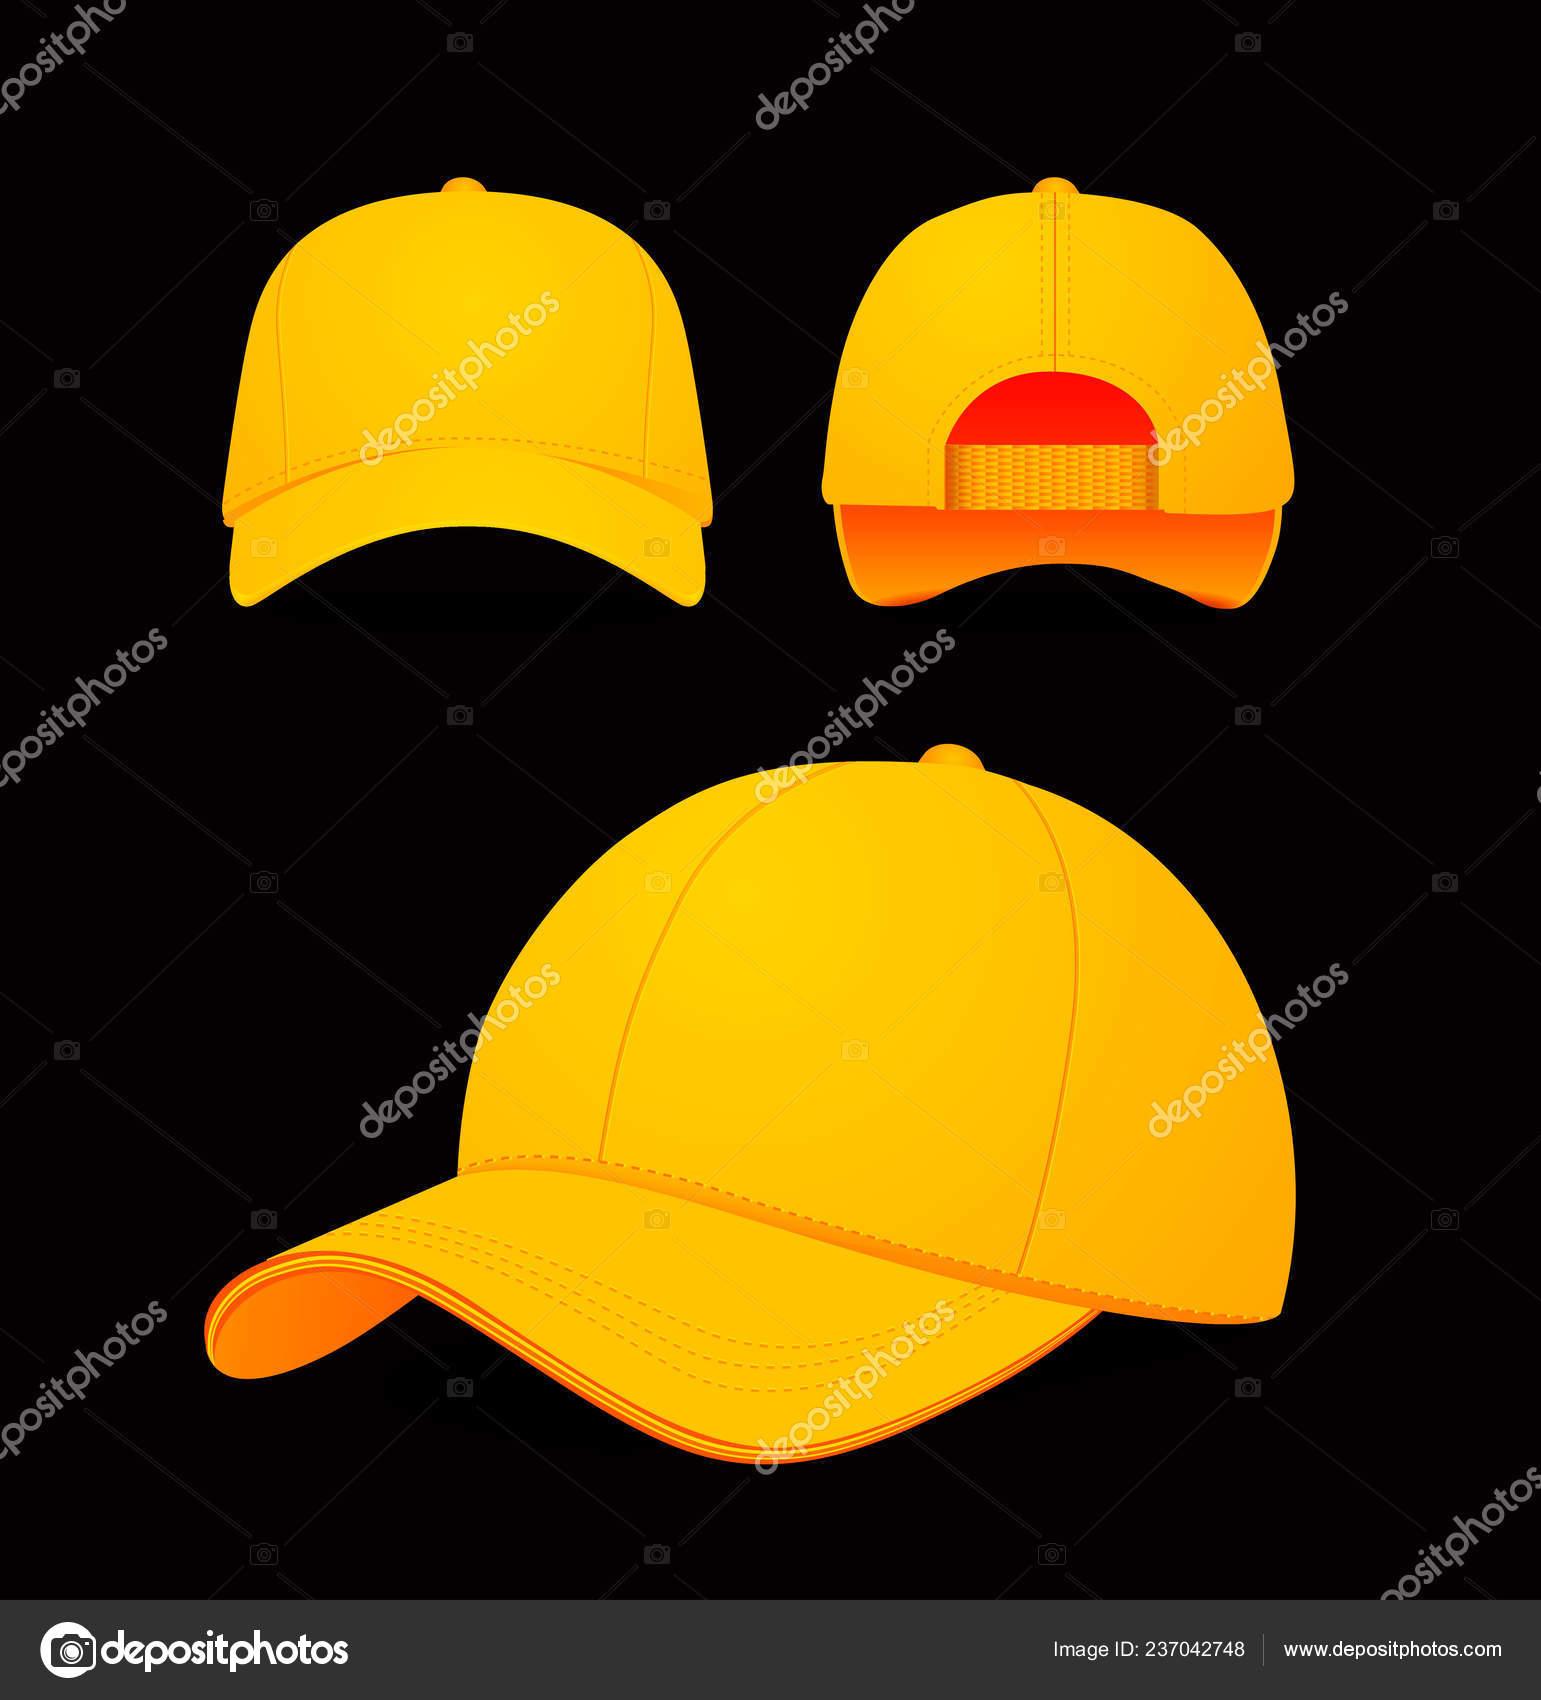 75ba641daa Ilustração em vetor baseball cap em fundo escuro. Projeto de mock-up ...